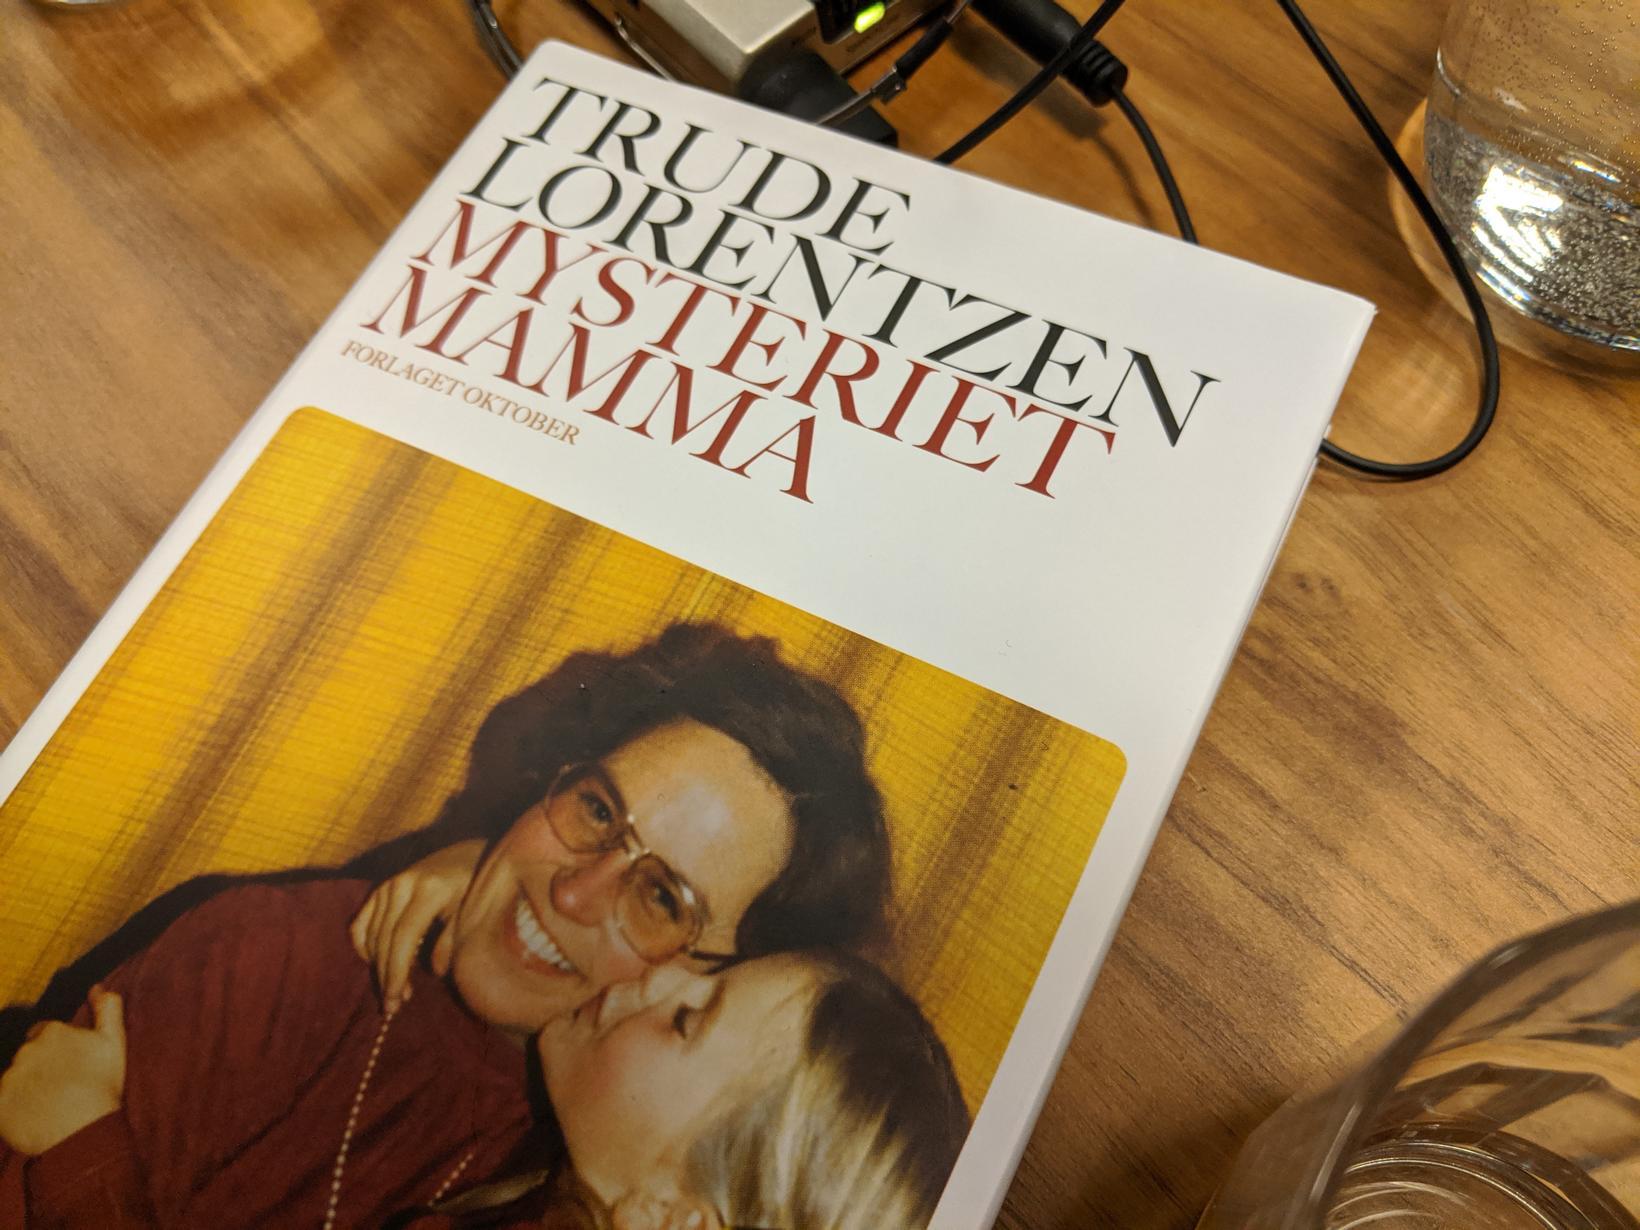 Heyra hefði mátt saumnál detta í salnum þegar Trude Lorentzen …